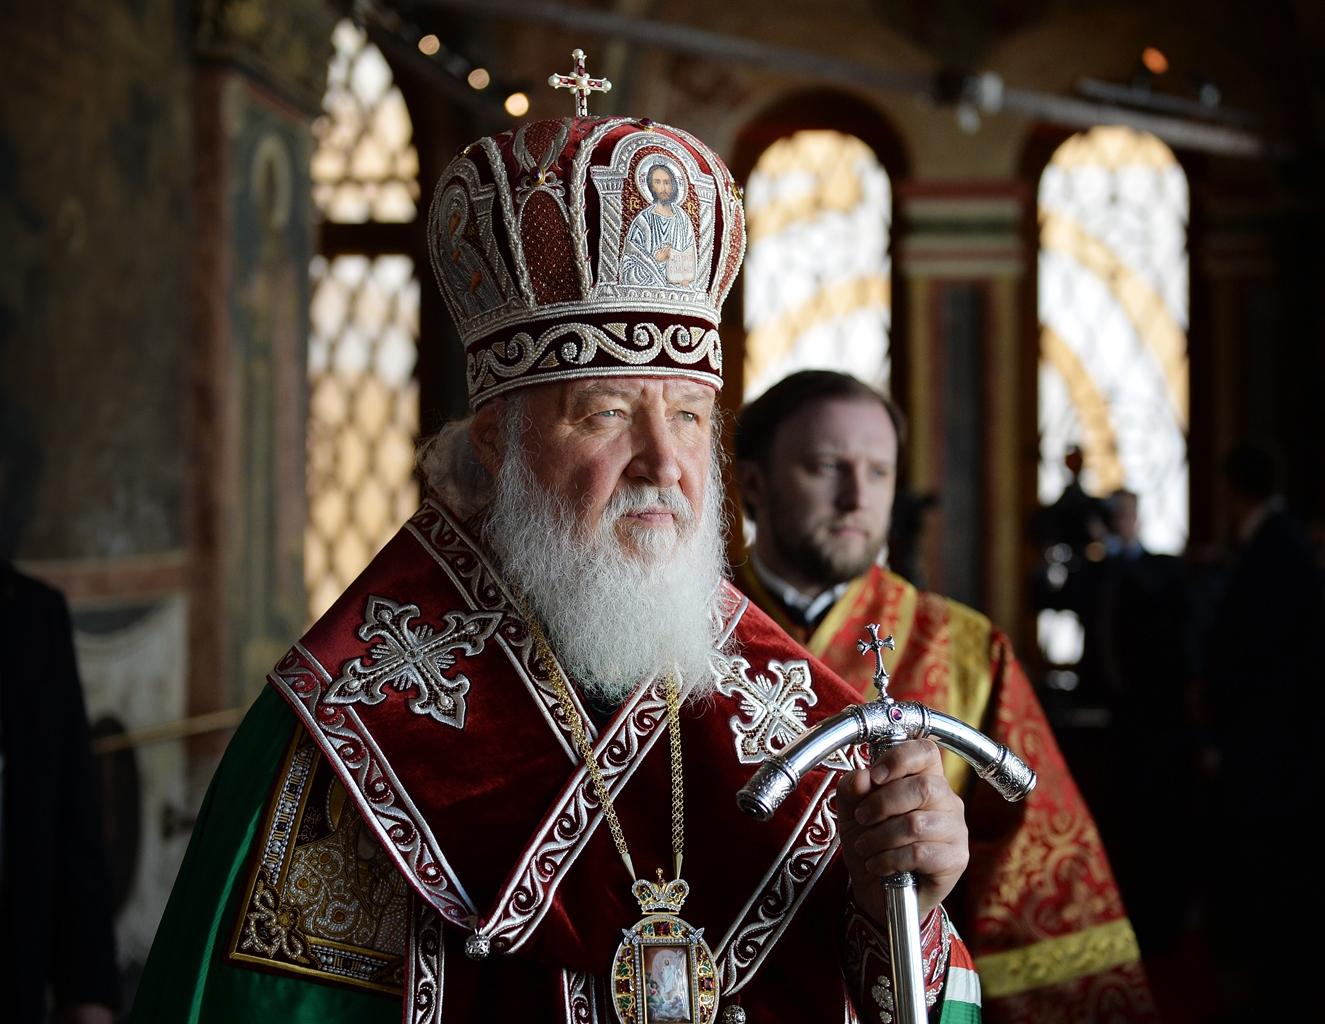 Православная молодежь поздравляет Святейшего Патриарха Московского и всея Руси Кирилла с Днем рождения